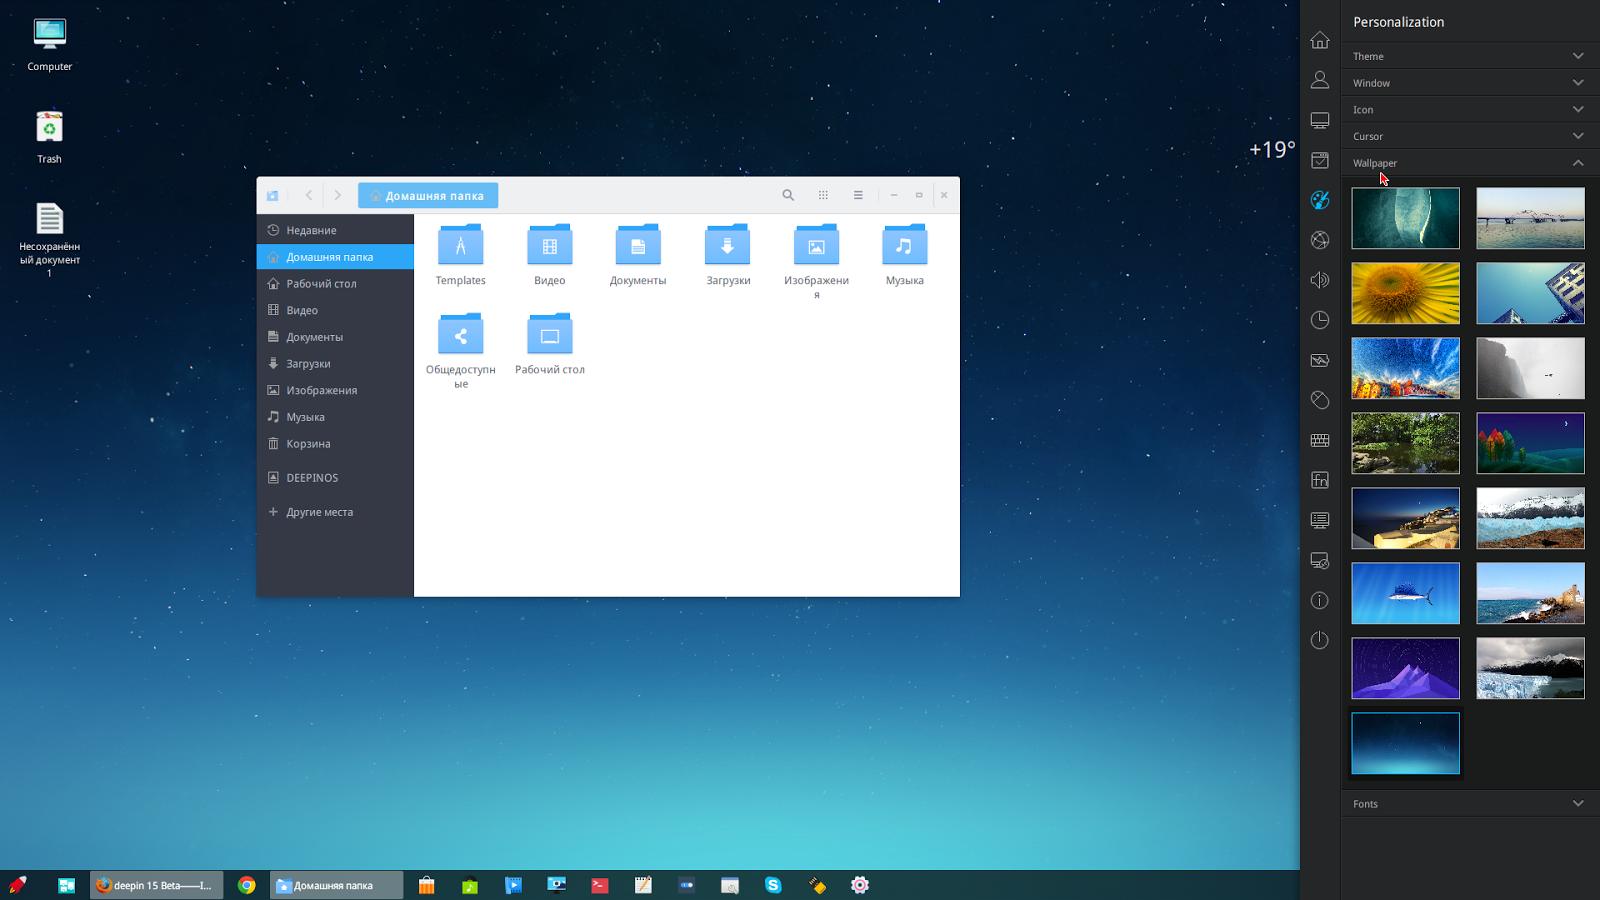 Создаем свой дистрибутив Windows 7. - Записки IT специалиста 82